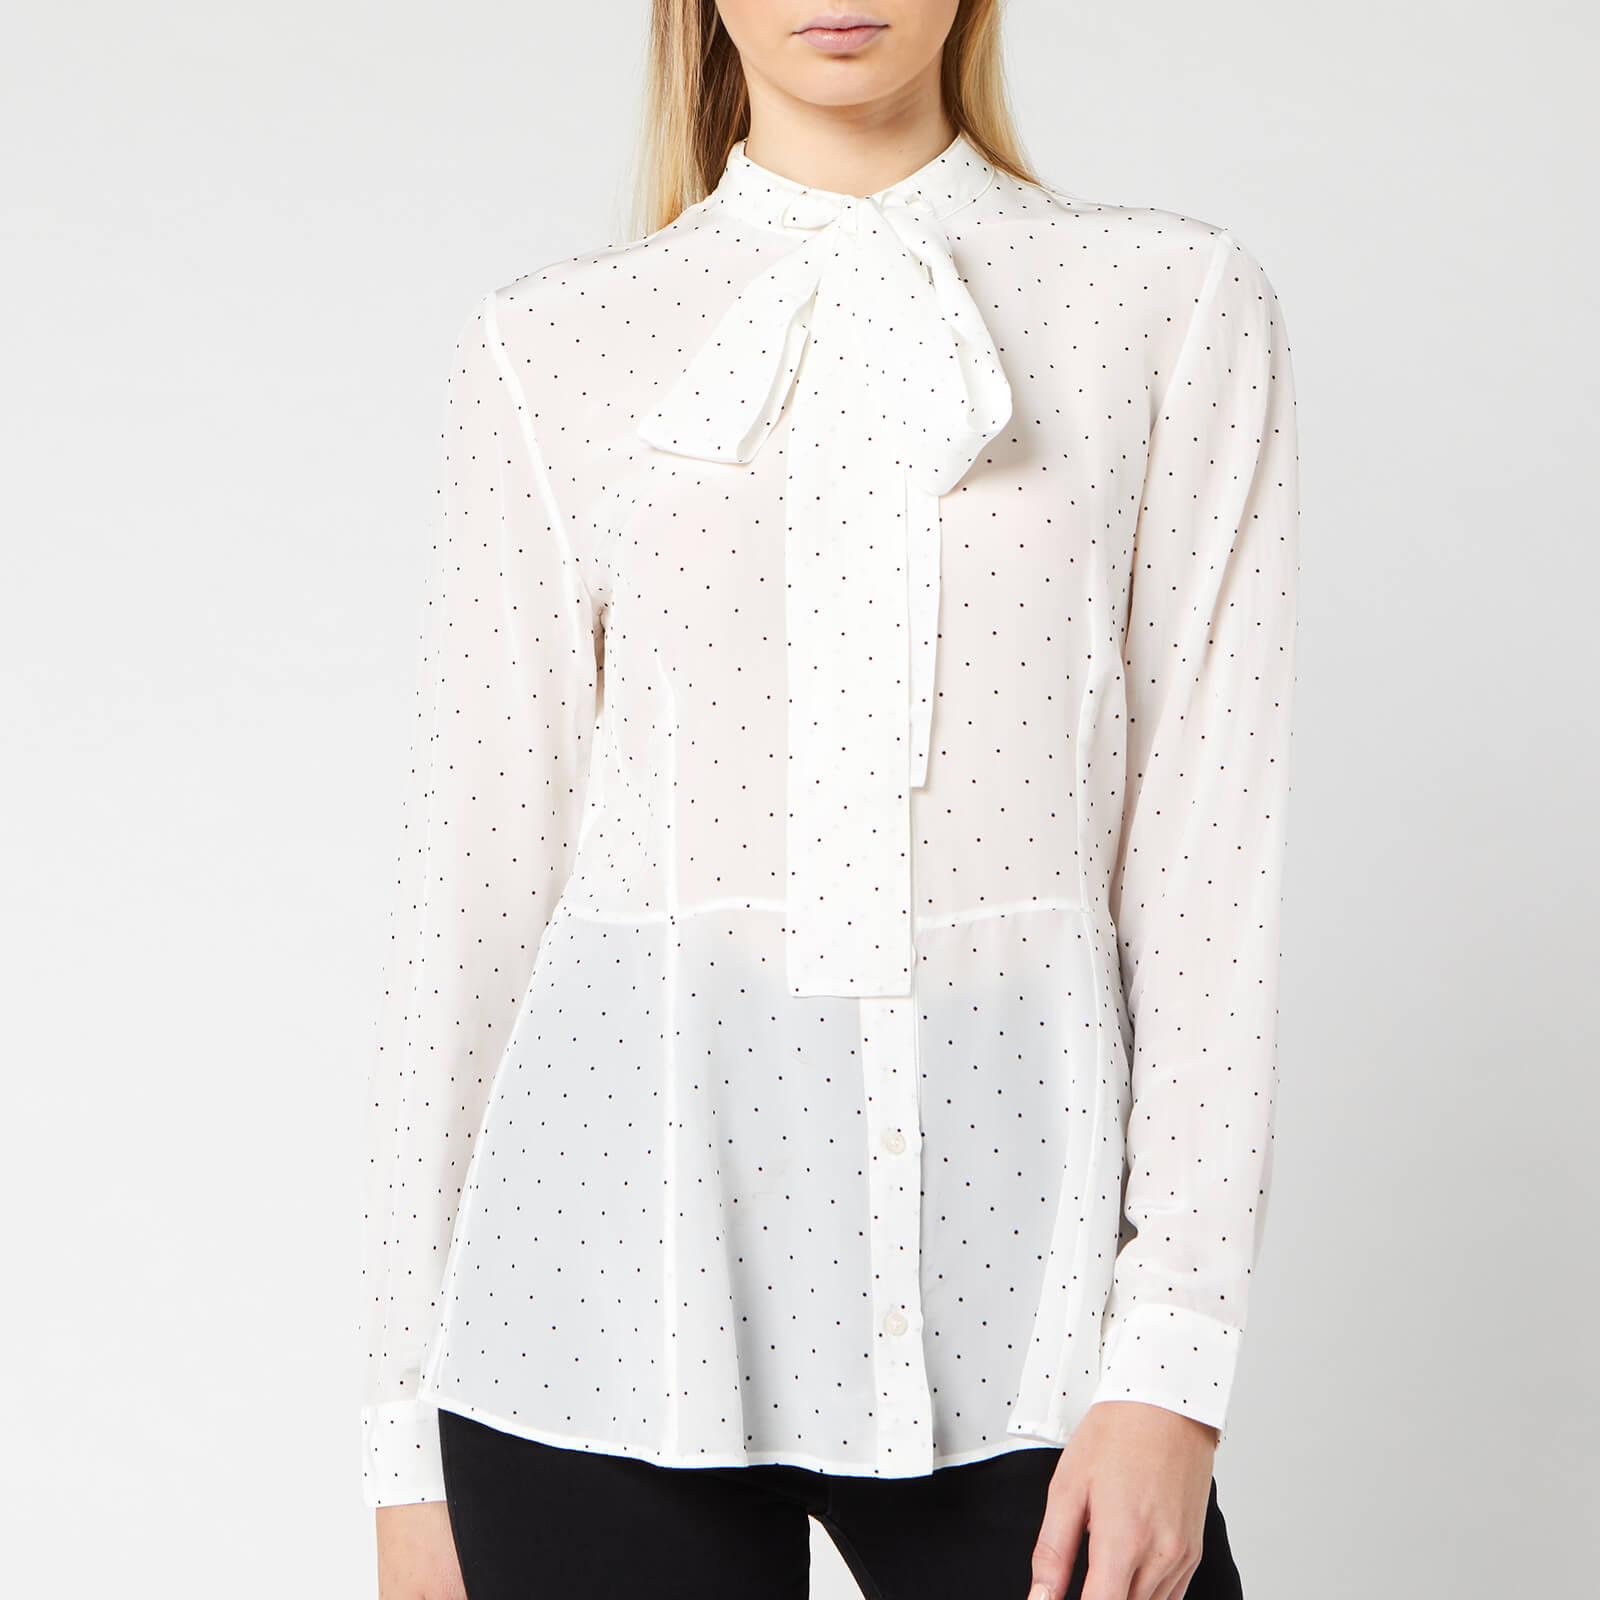 Boss Women's Elkasia Blouse - White Polka Dot - UK 12